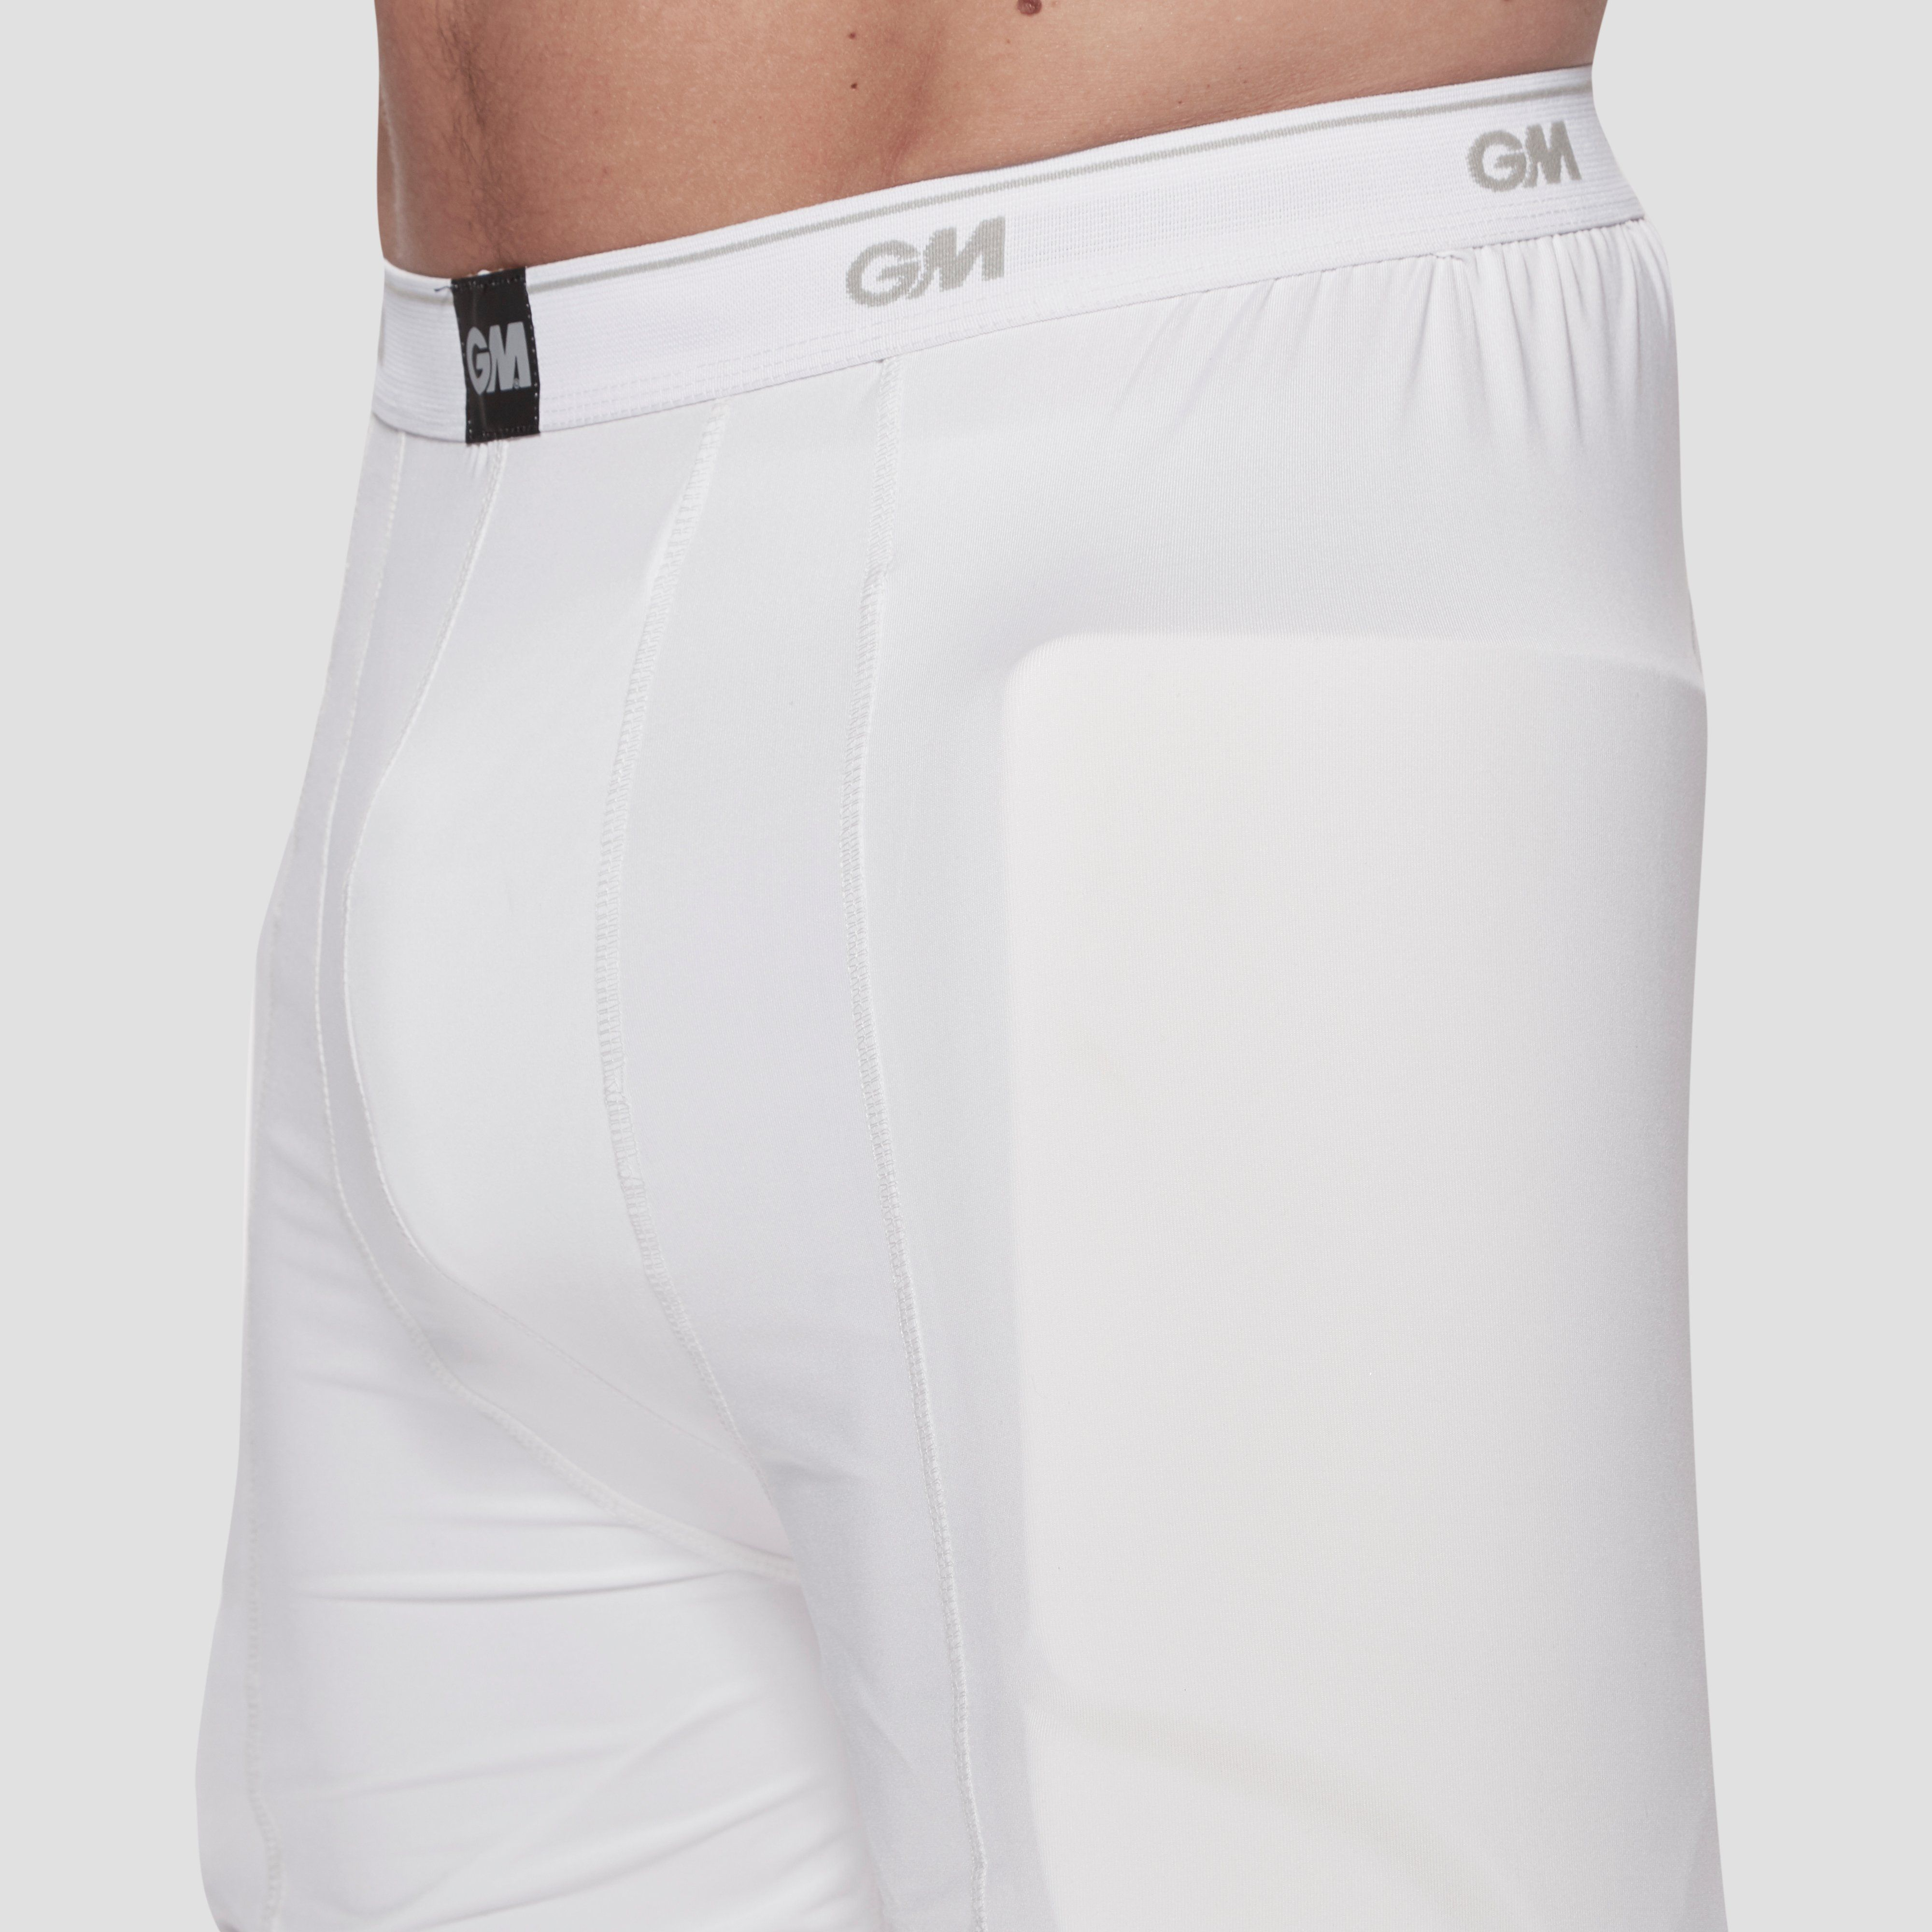 Gunn & Moore 909 Protective Shorts